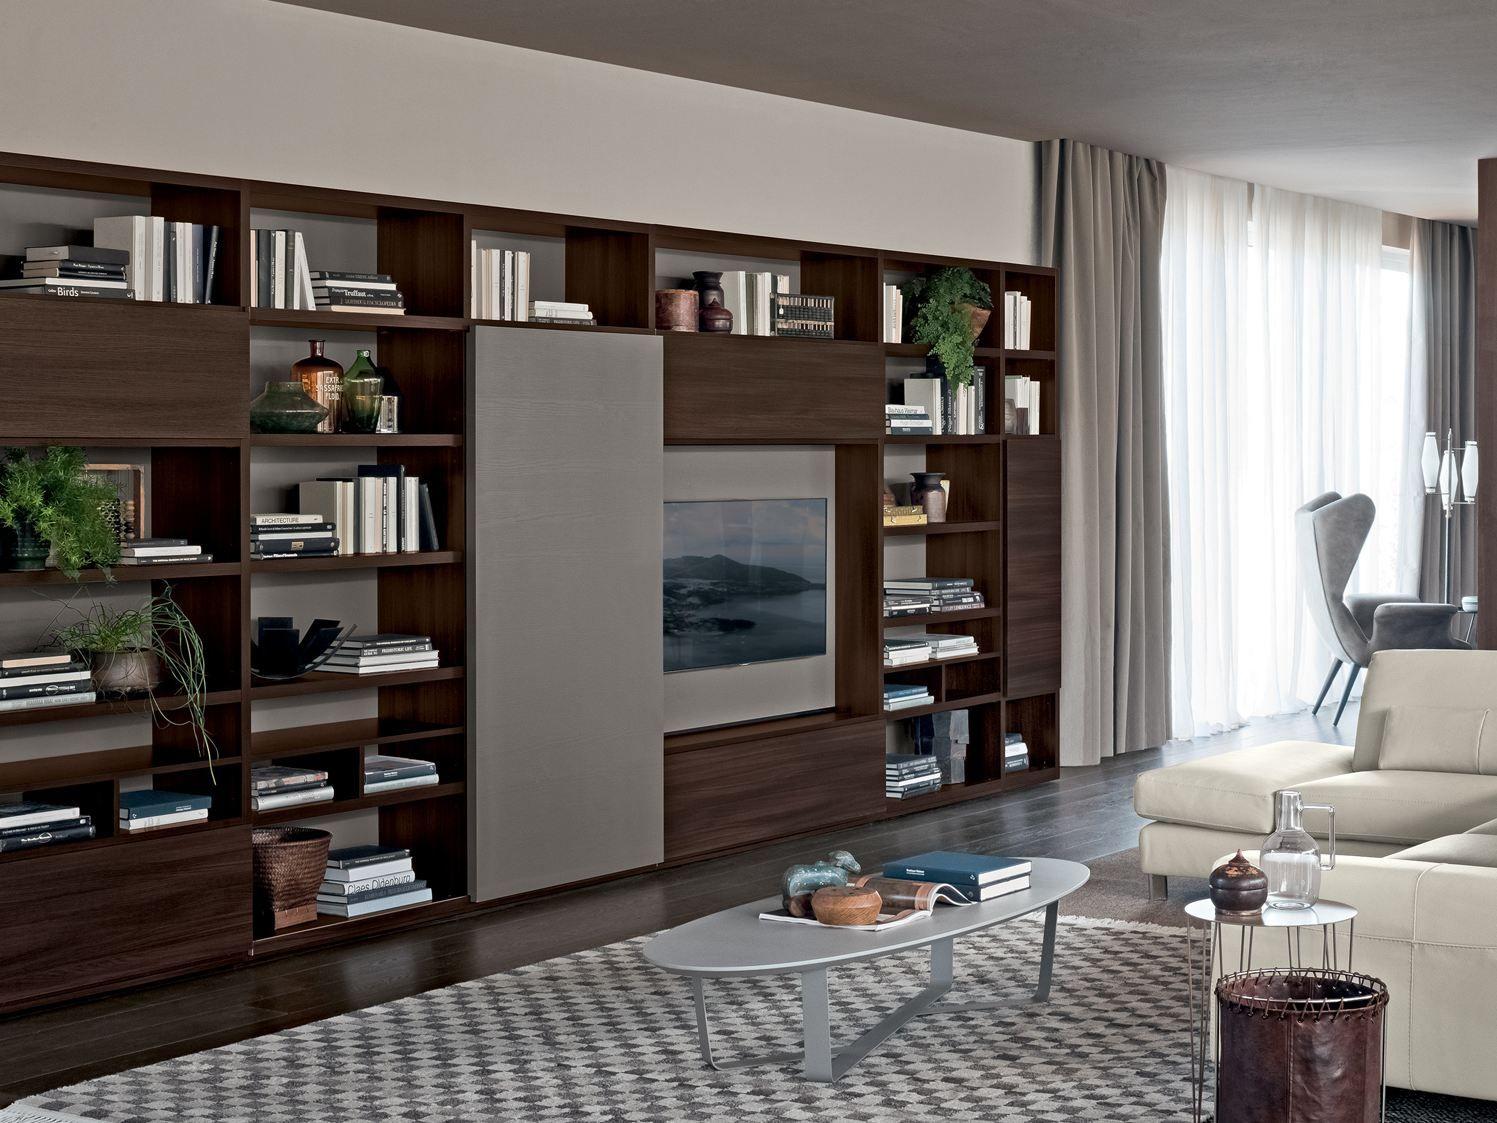 Meuble T L Et Biblioth Que Artzein Com # Modeles De Meubles Home Cinema Et Bibliotheque